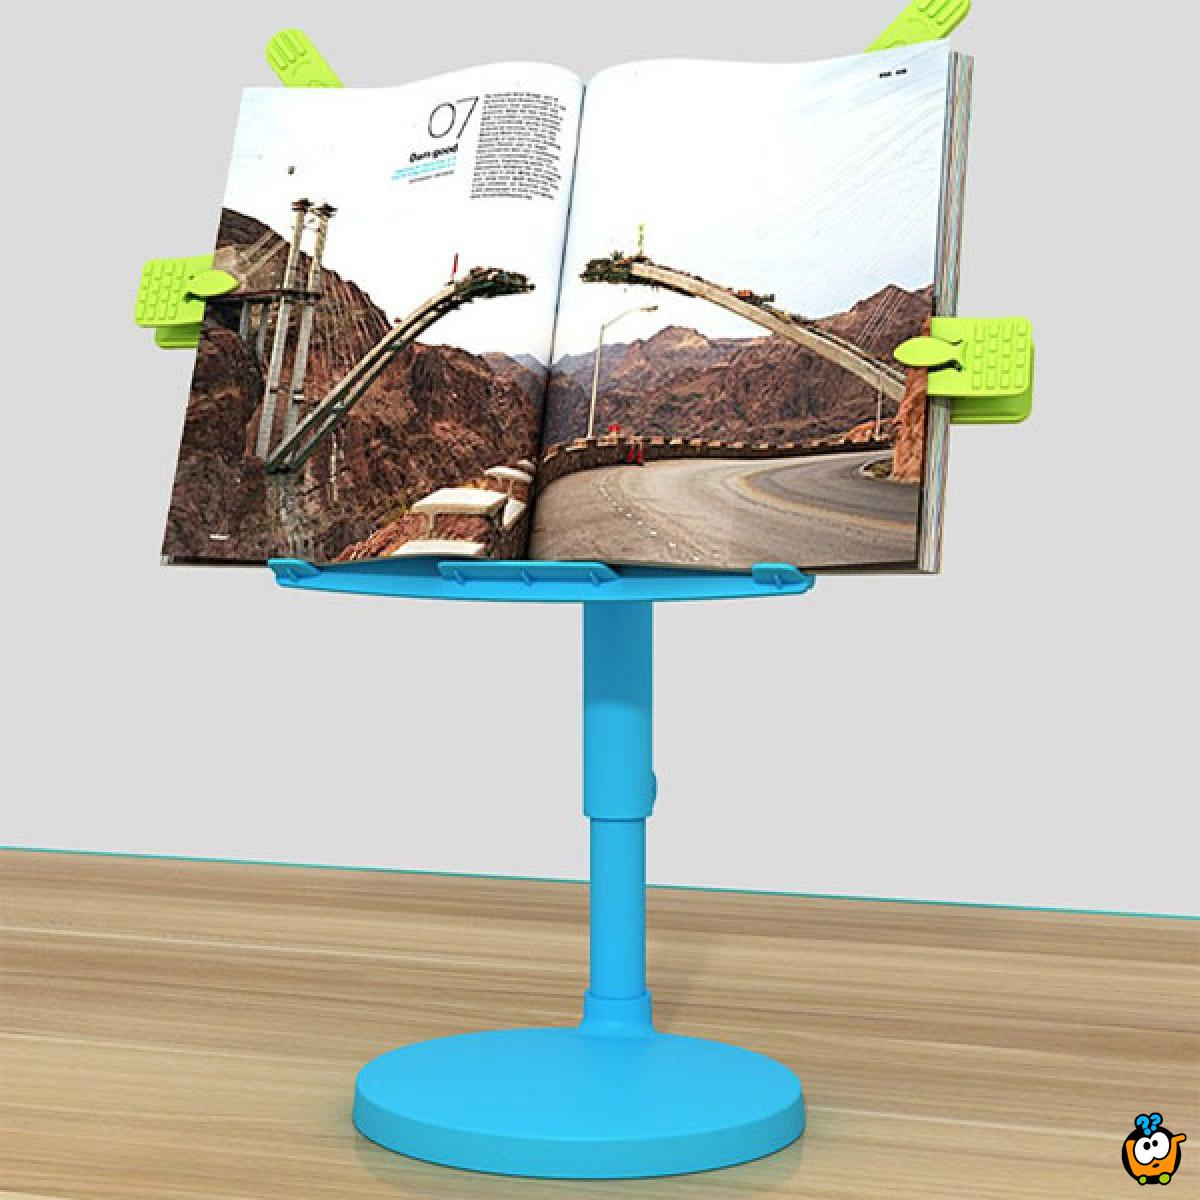 Book holder - Dečiji podesivi stalak za čitanje